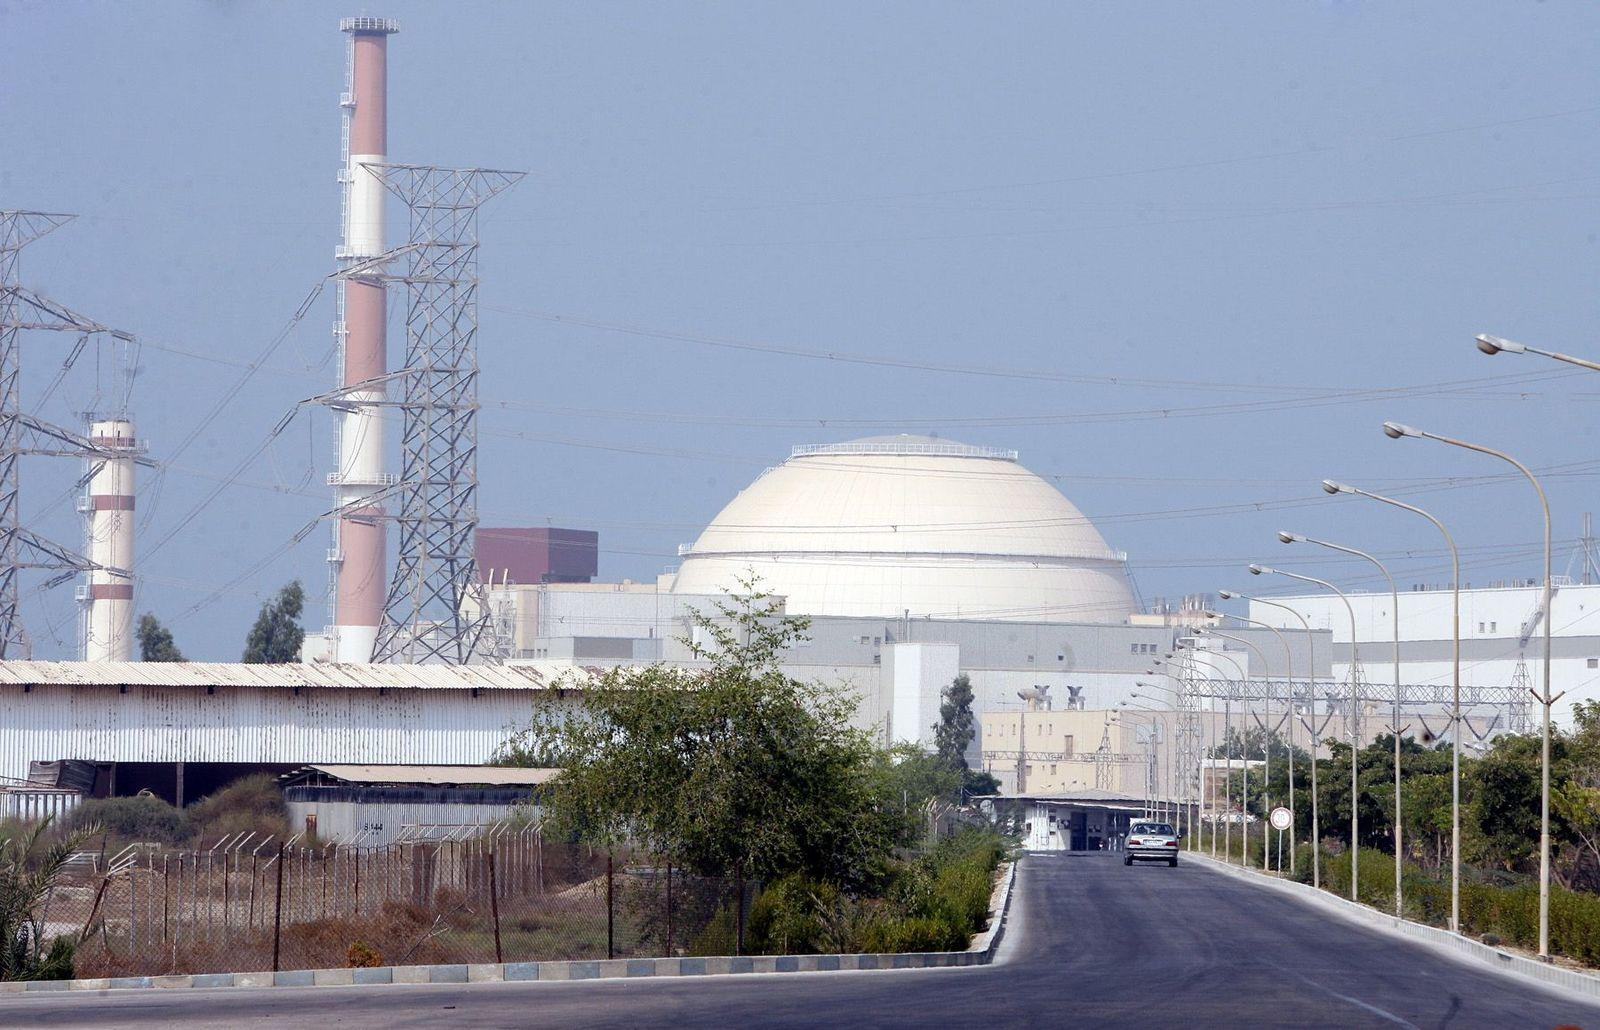 5.1-magnitude earthquake hits near nuclear power plant in Iran, Bushehr - 20 Aug 2010